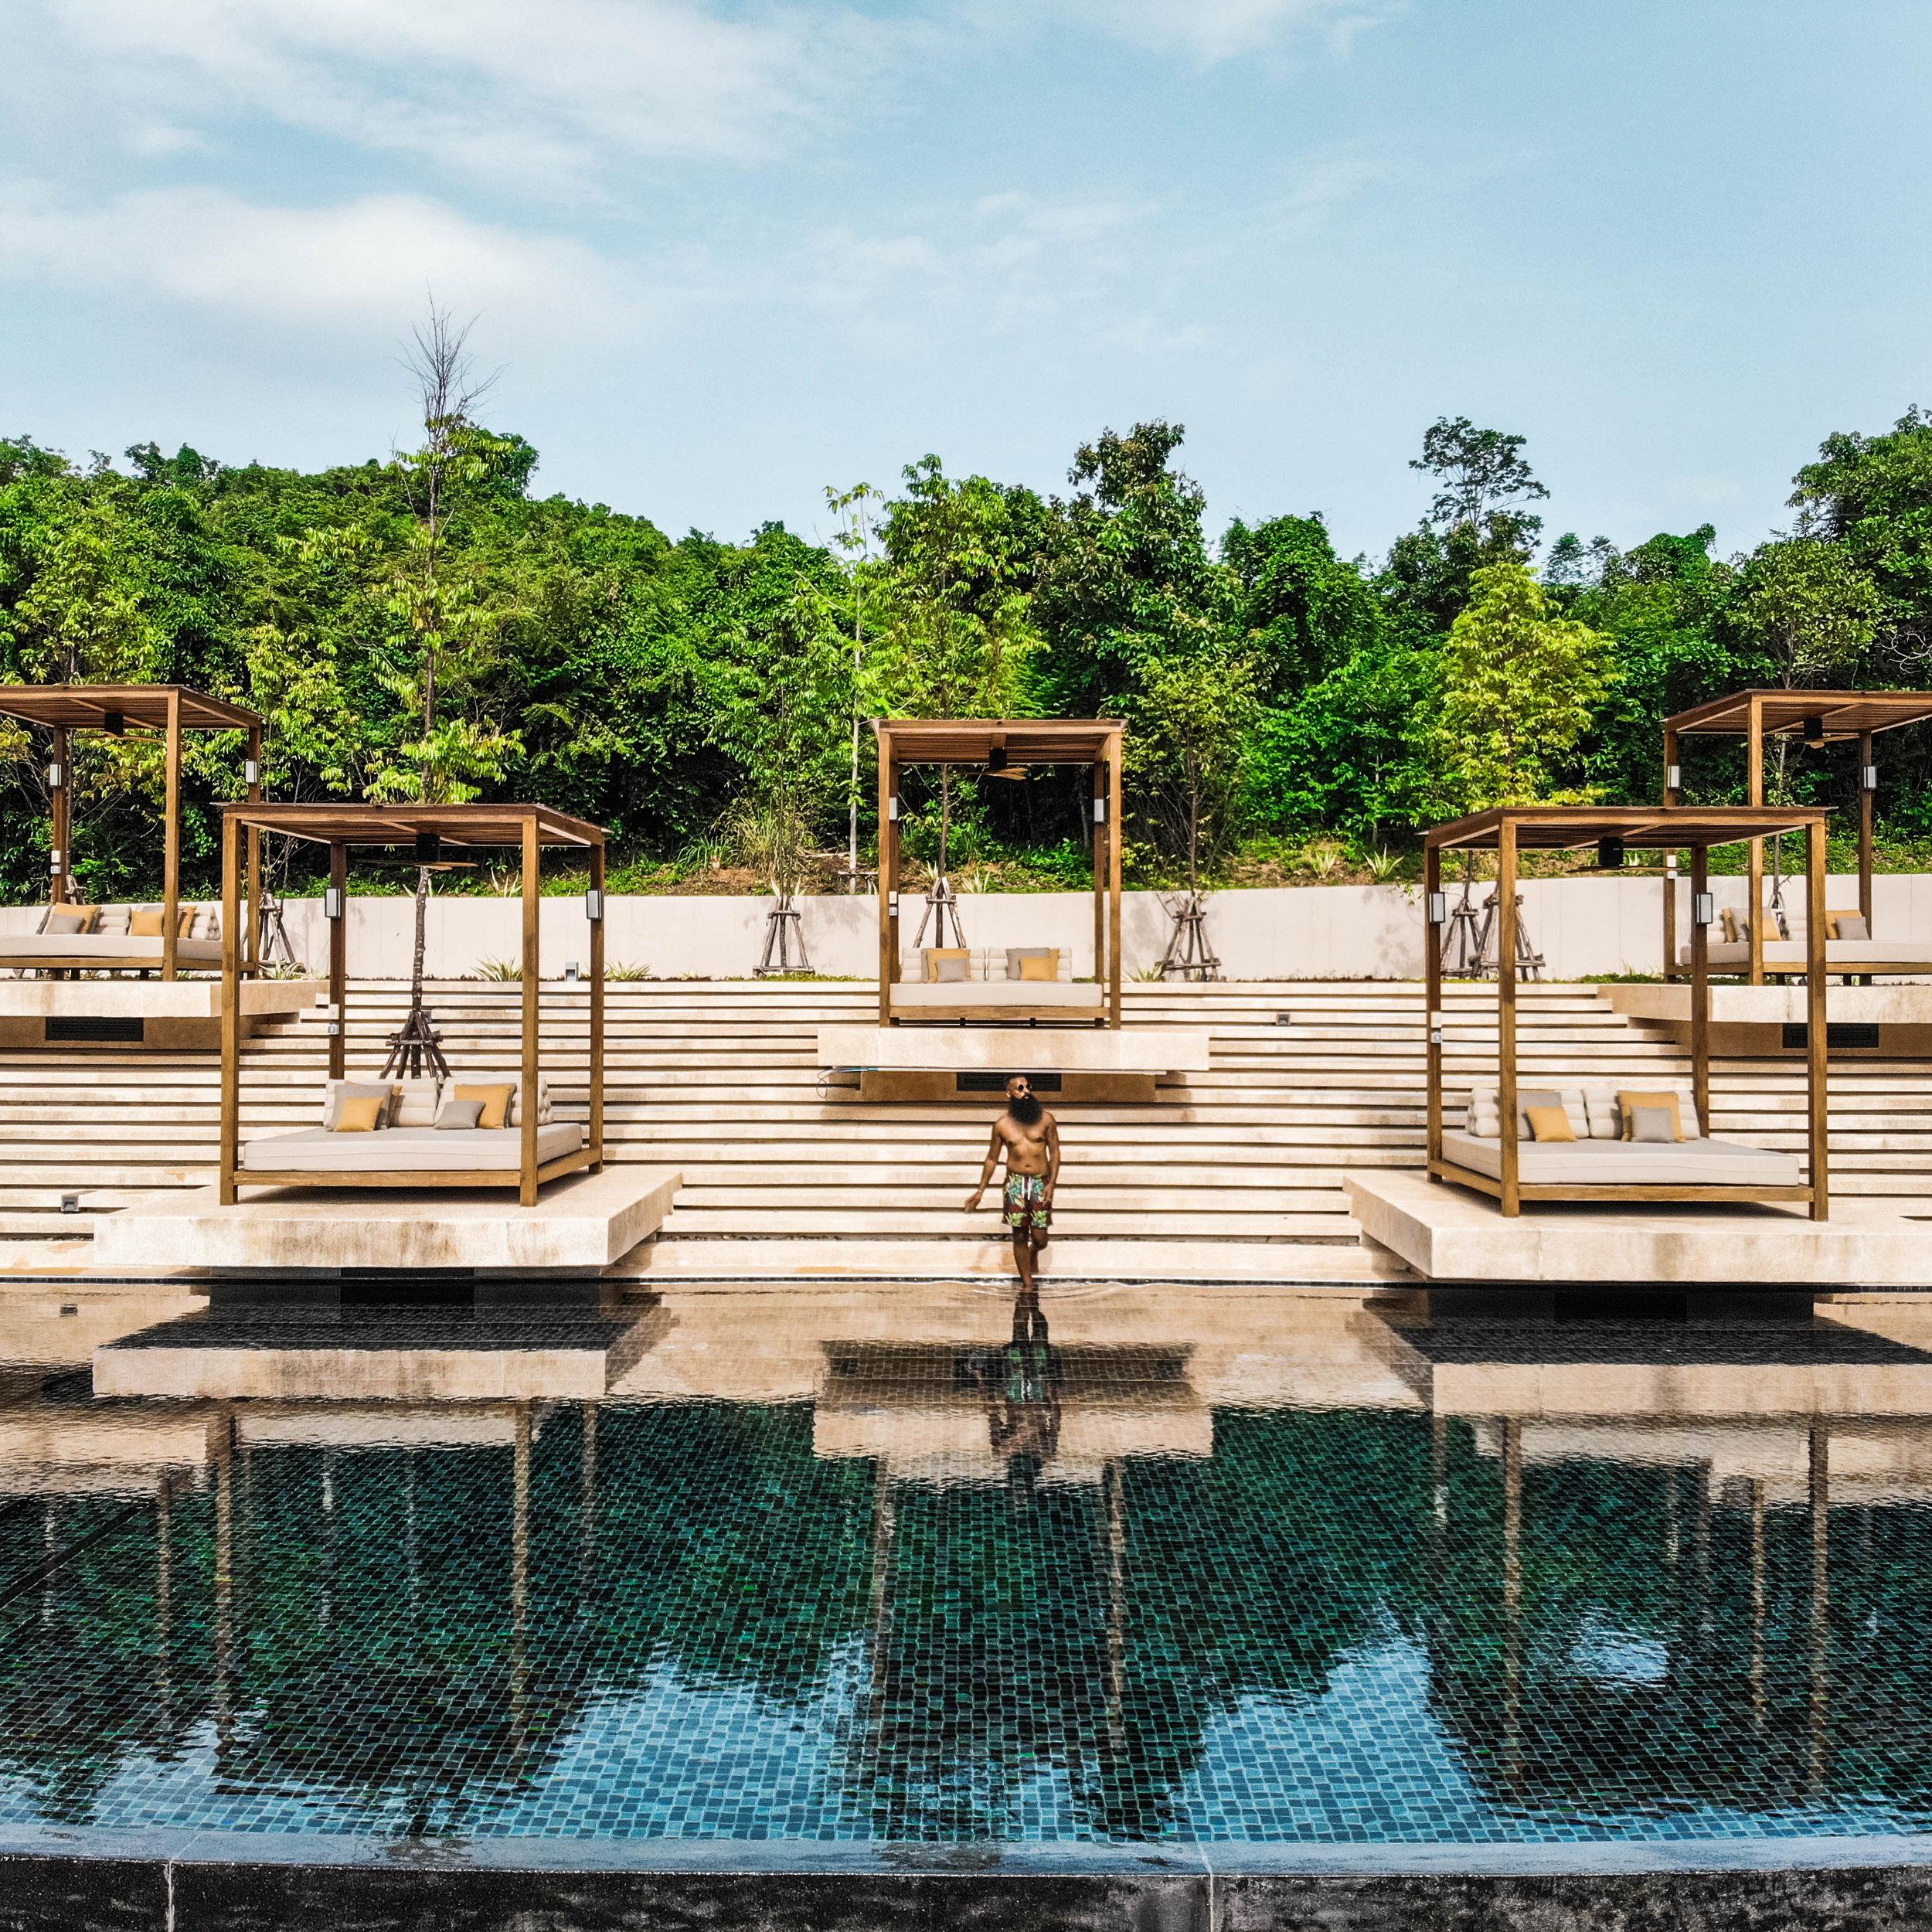 Ritz-Carlton- Koh Samui, Thailand.